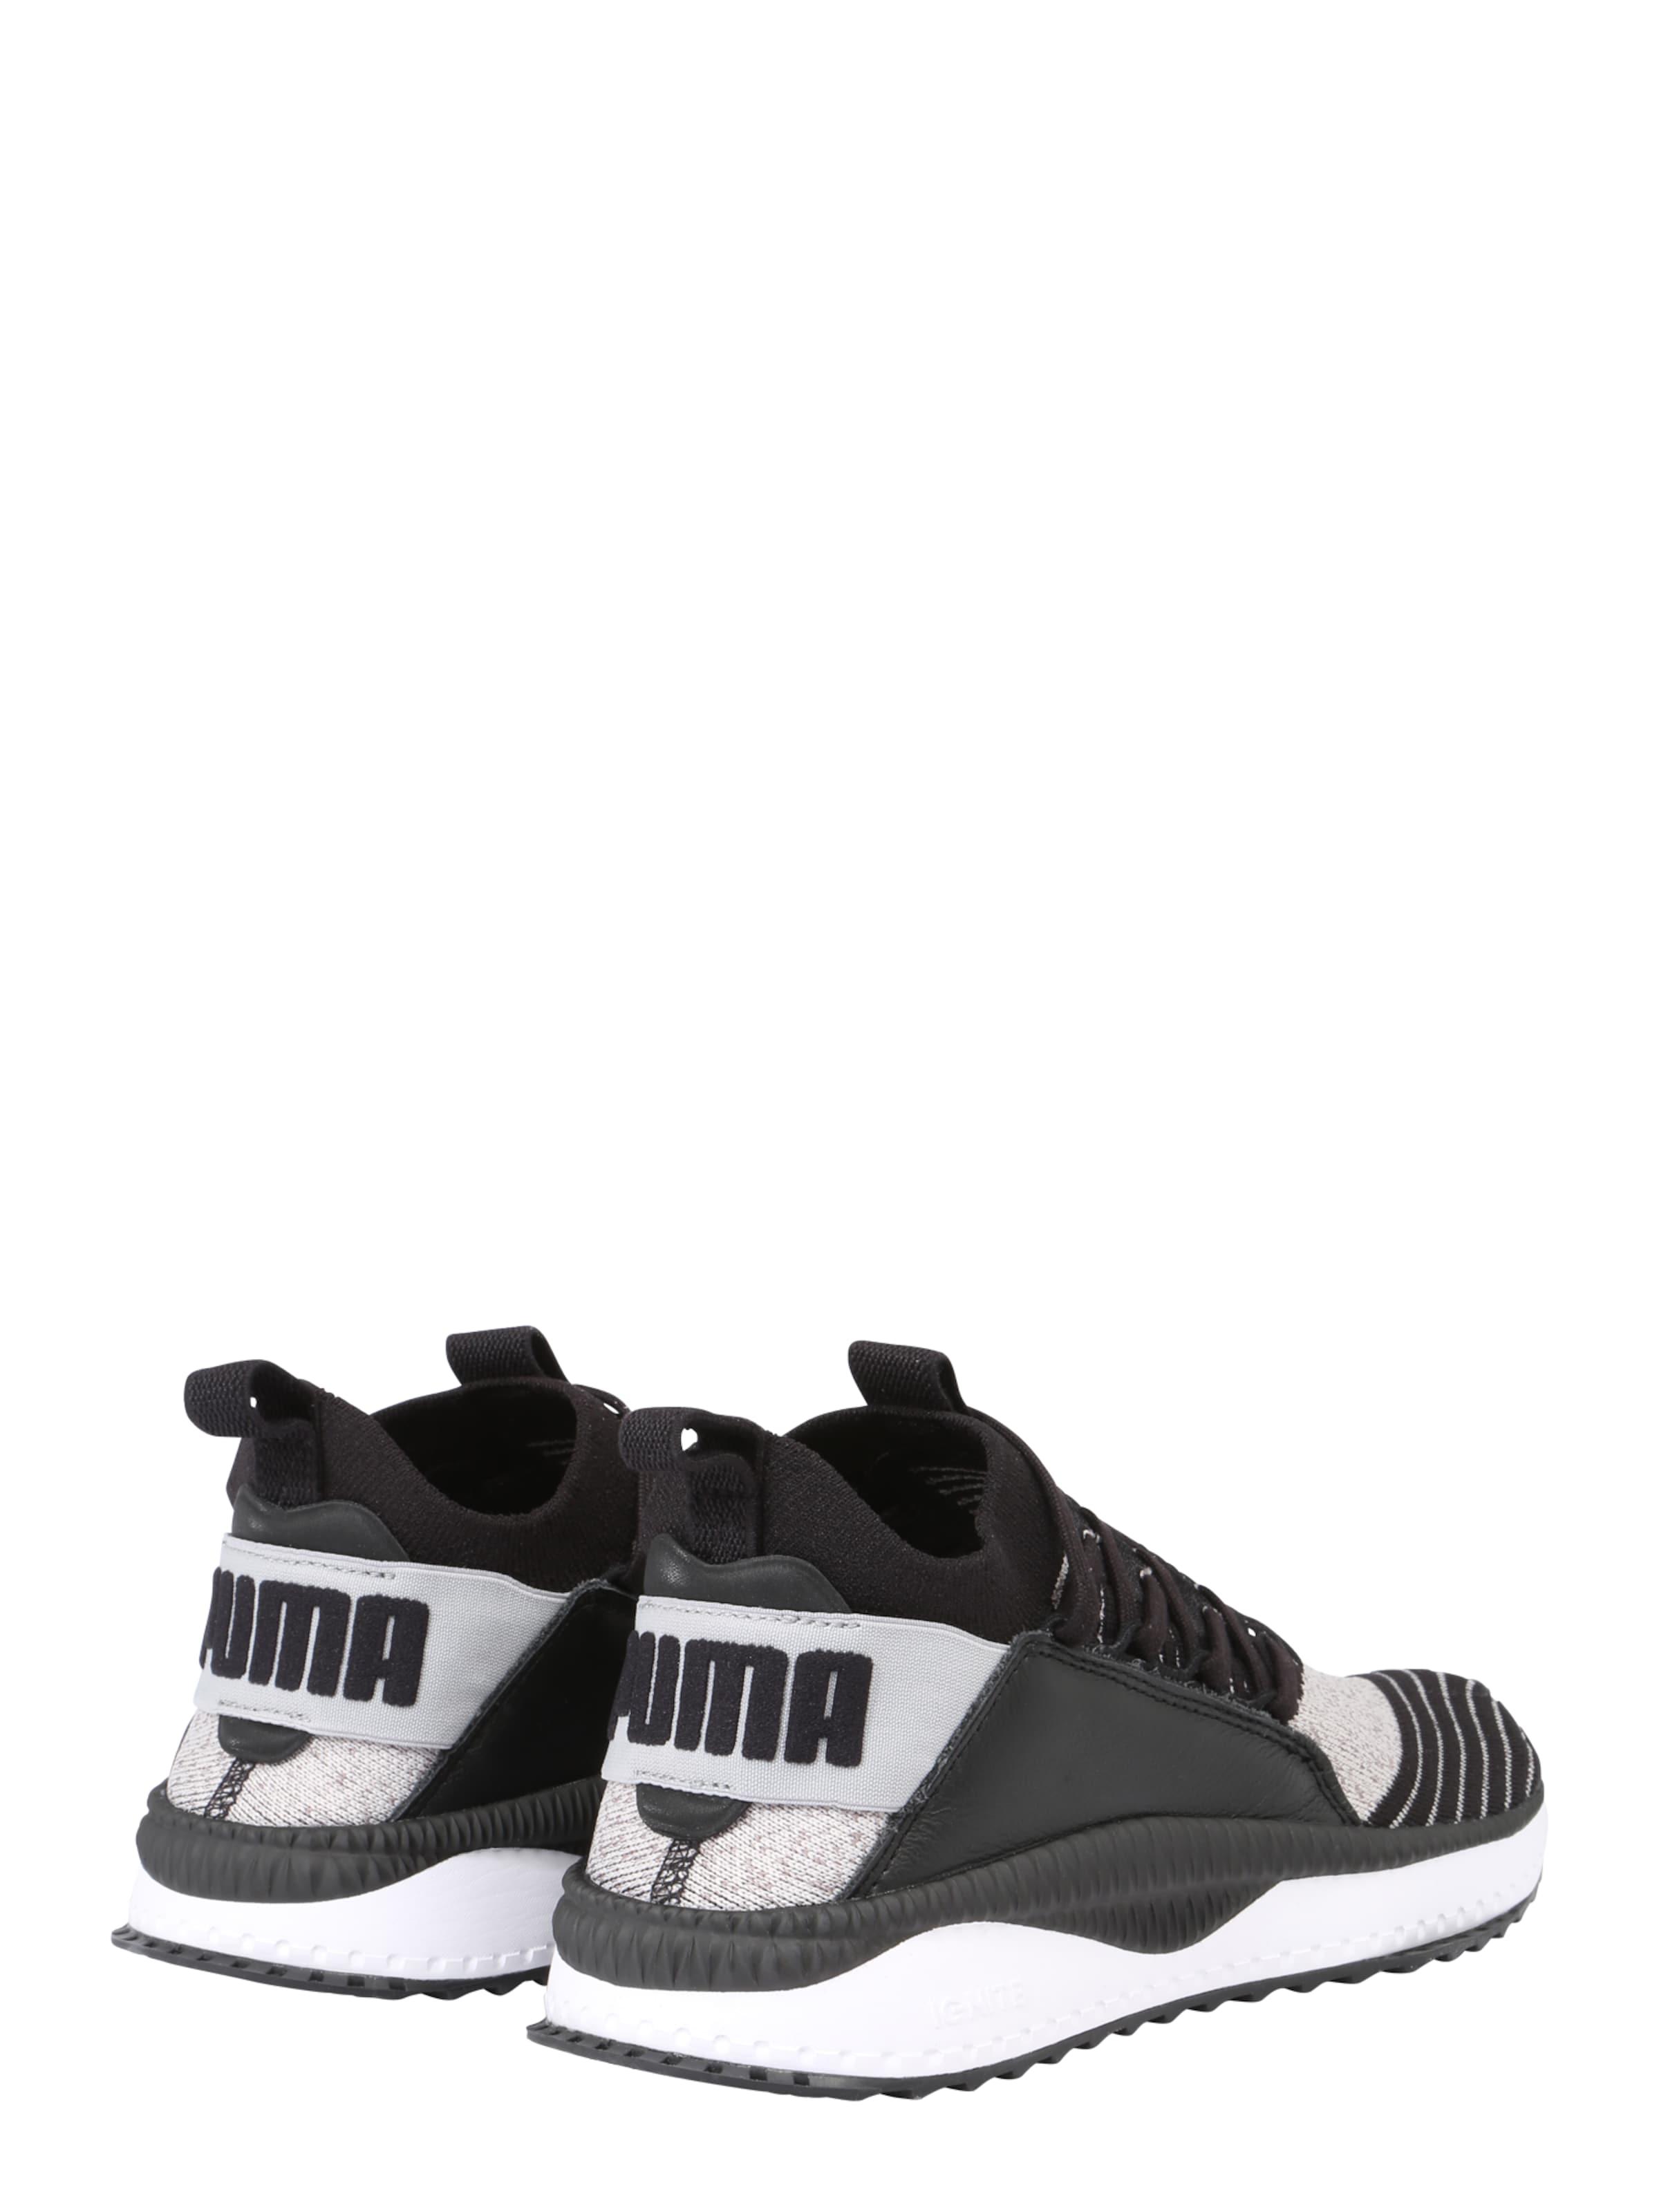 'tsugi Sneaker Weiß Jun' In Puma BeigeSchwarz I7yYfgvb6